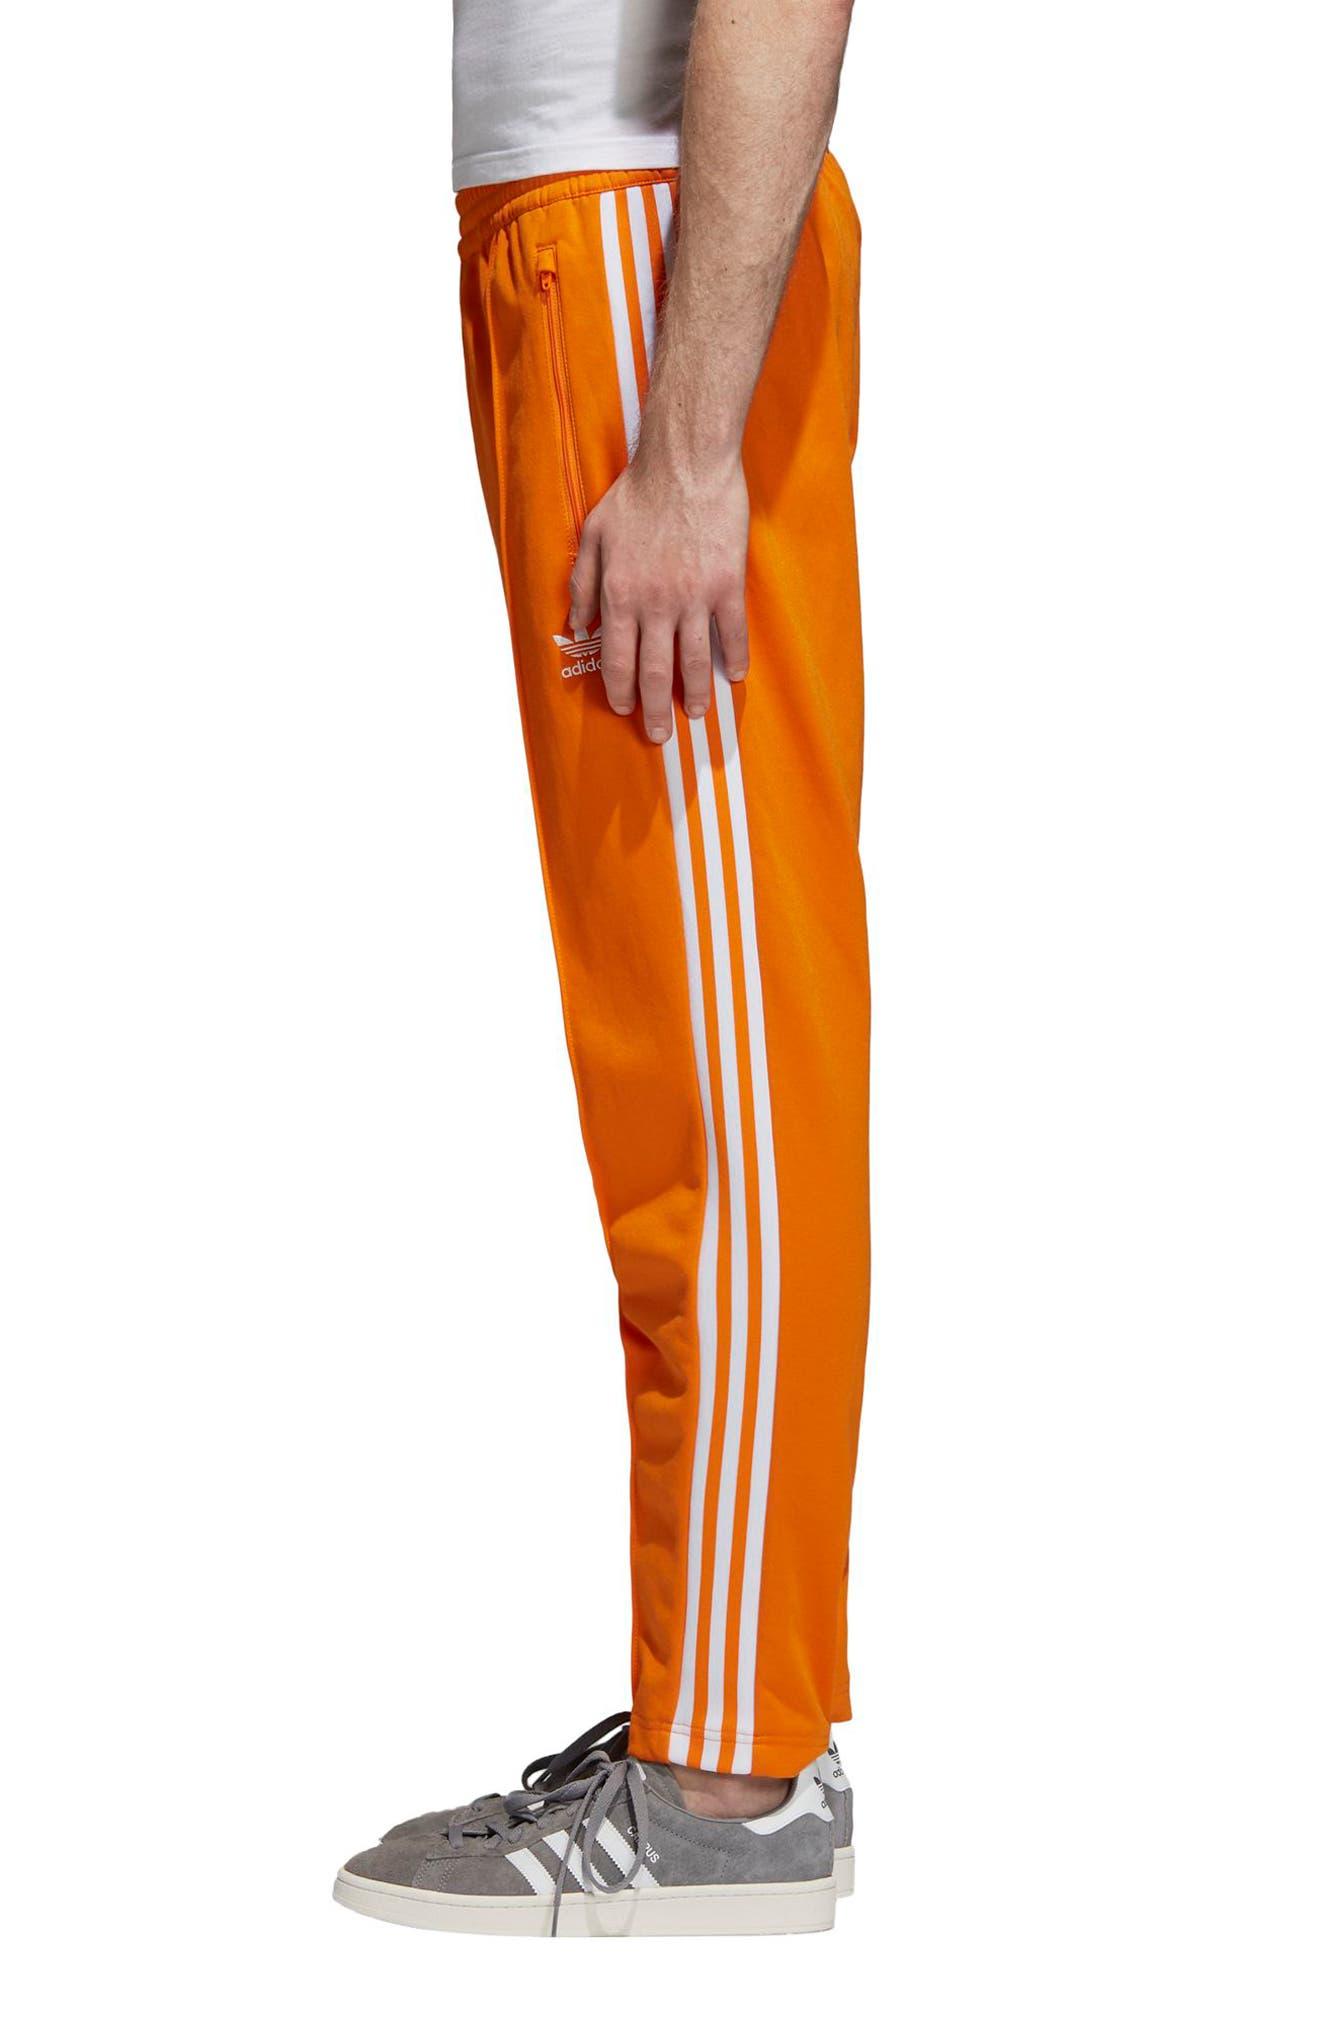 BB Track Pants,                             Alternate thumbnail 3, color,                             Bright Orange